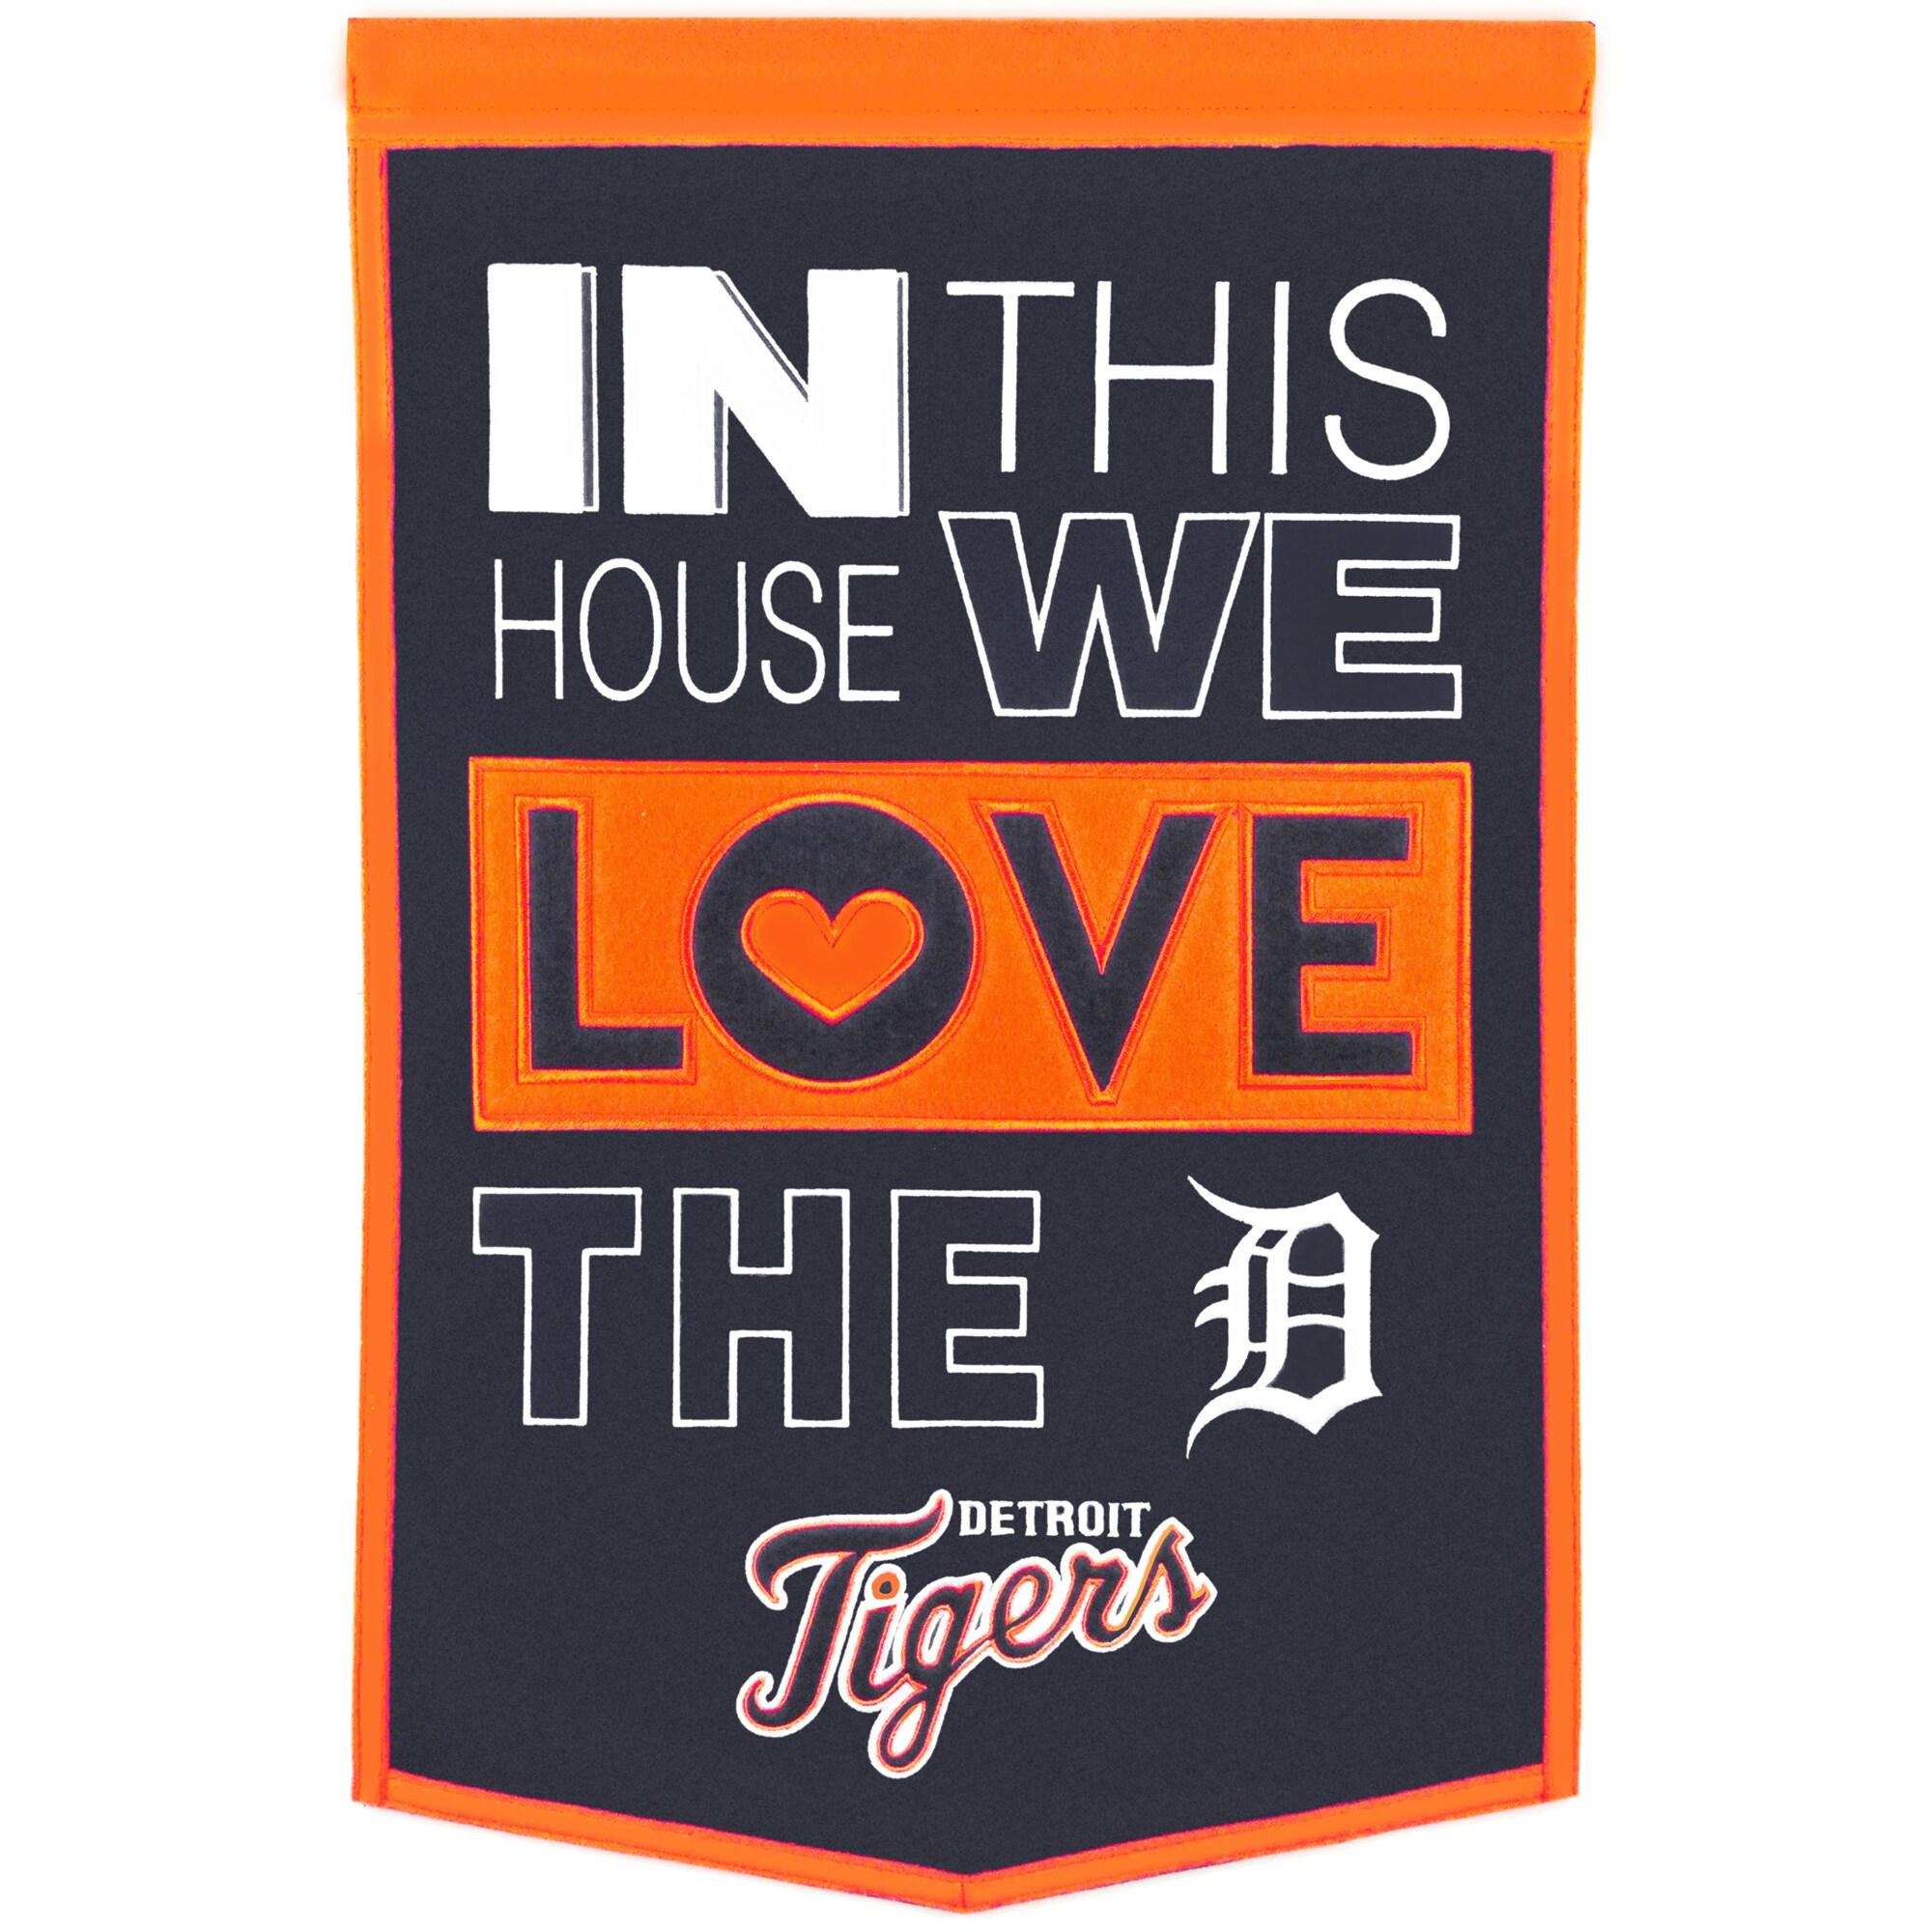 Detroit Tigers 15'' x 24'' Home Banner - Navy/Orange